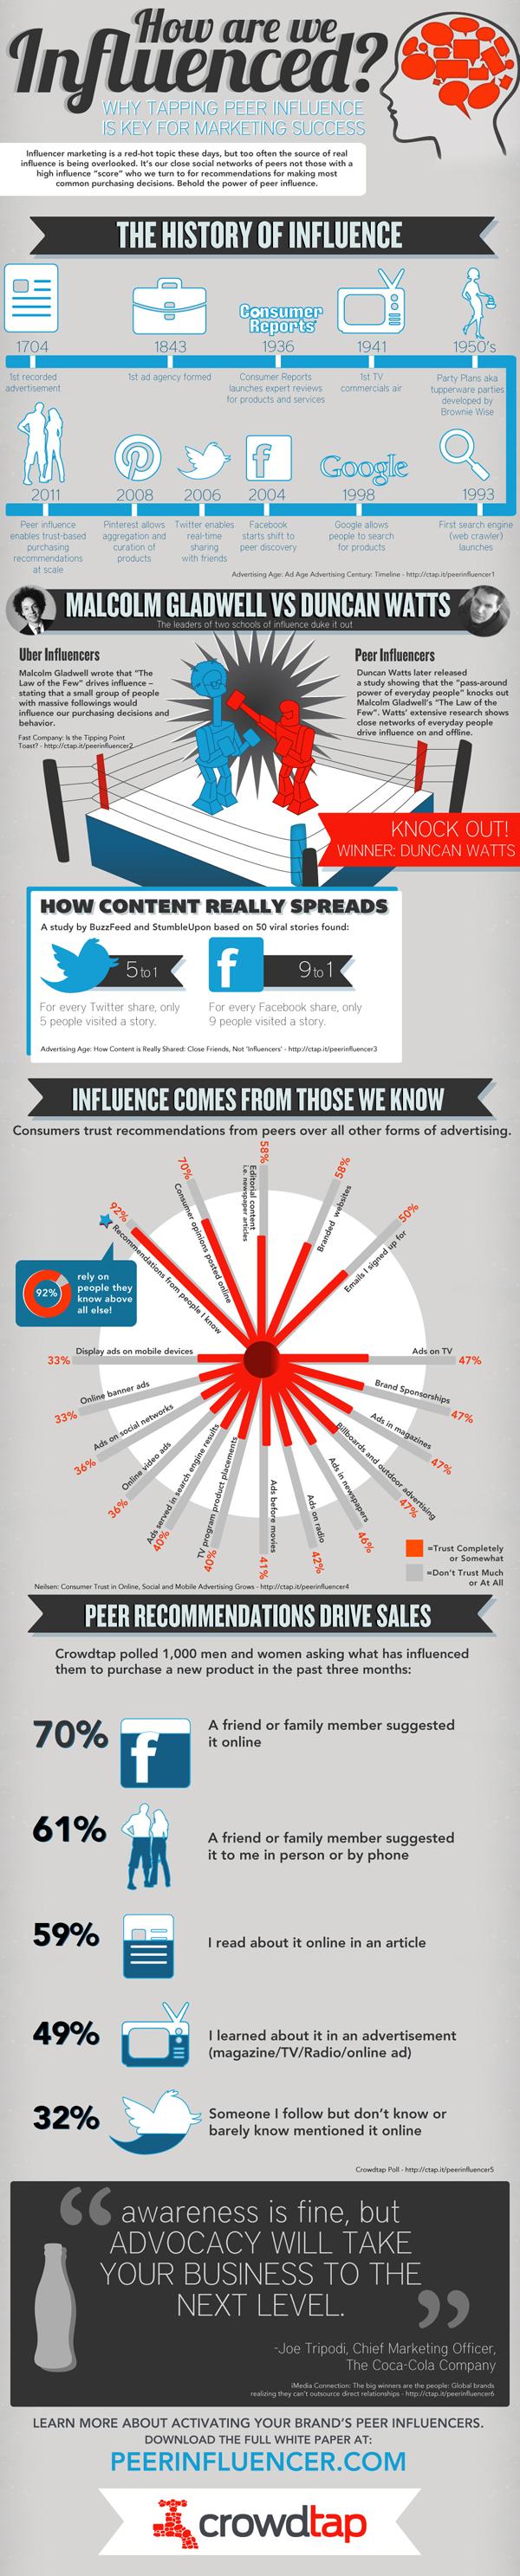 crowdtap-peer-influence